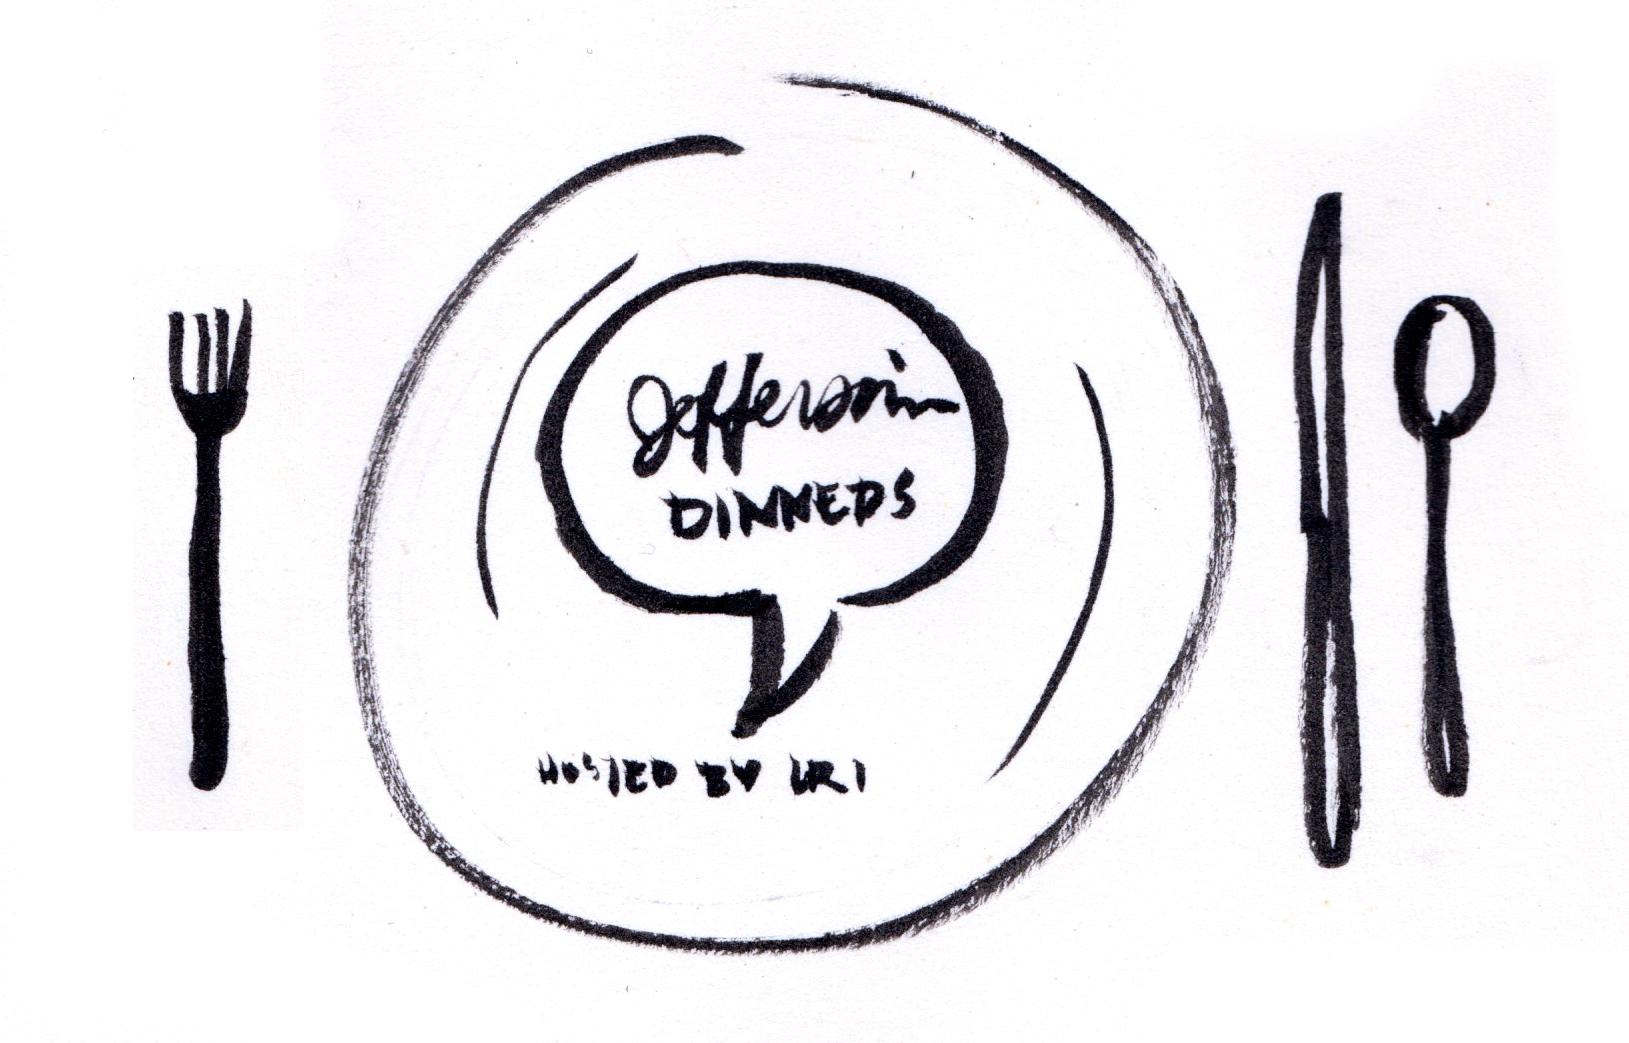 alli-coate-jeffersonian-dinner-sketch-1.jpg